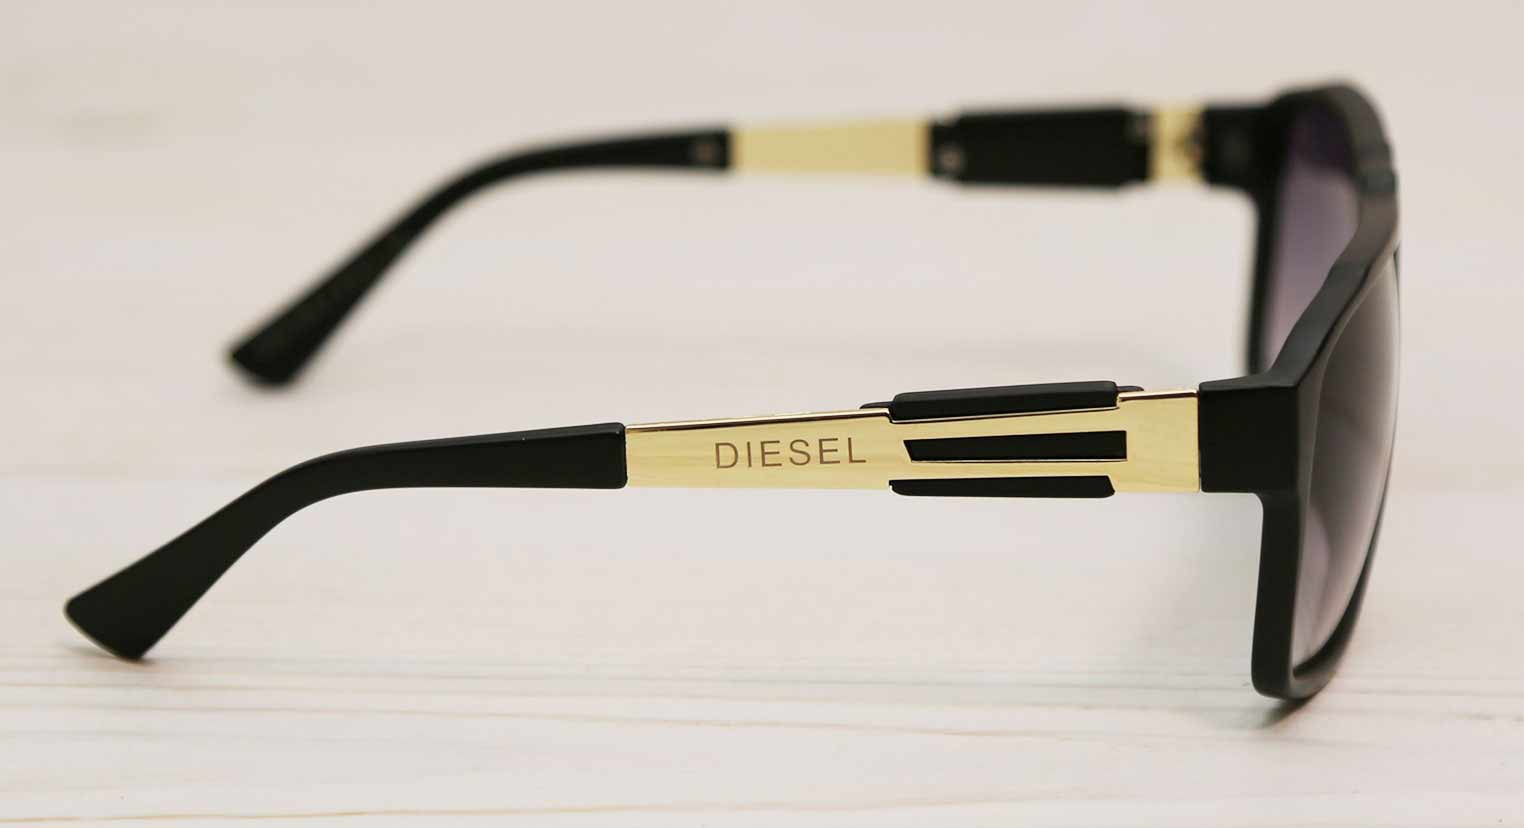 عینک دیزل مدل Diesel 3Line